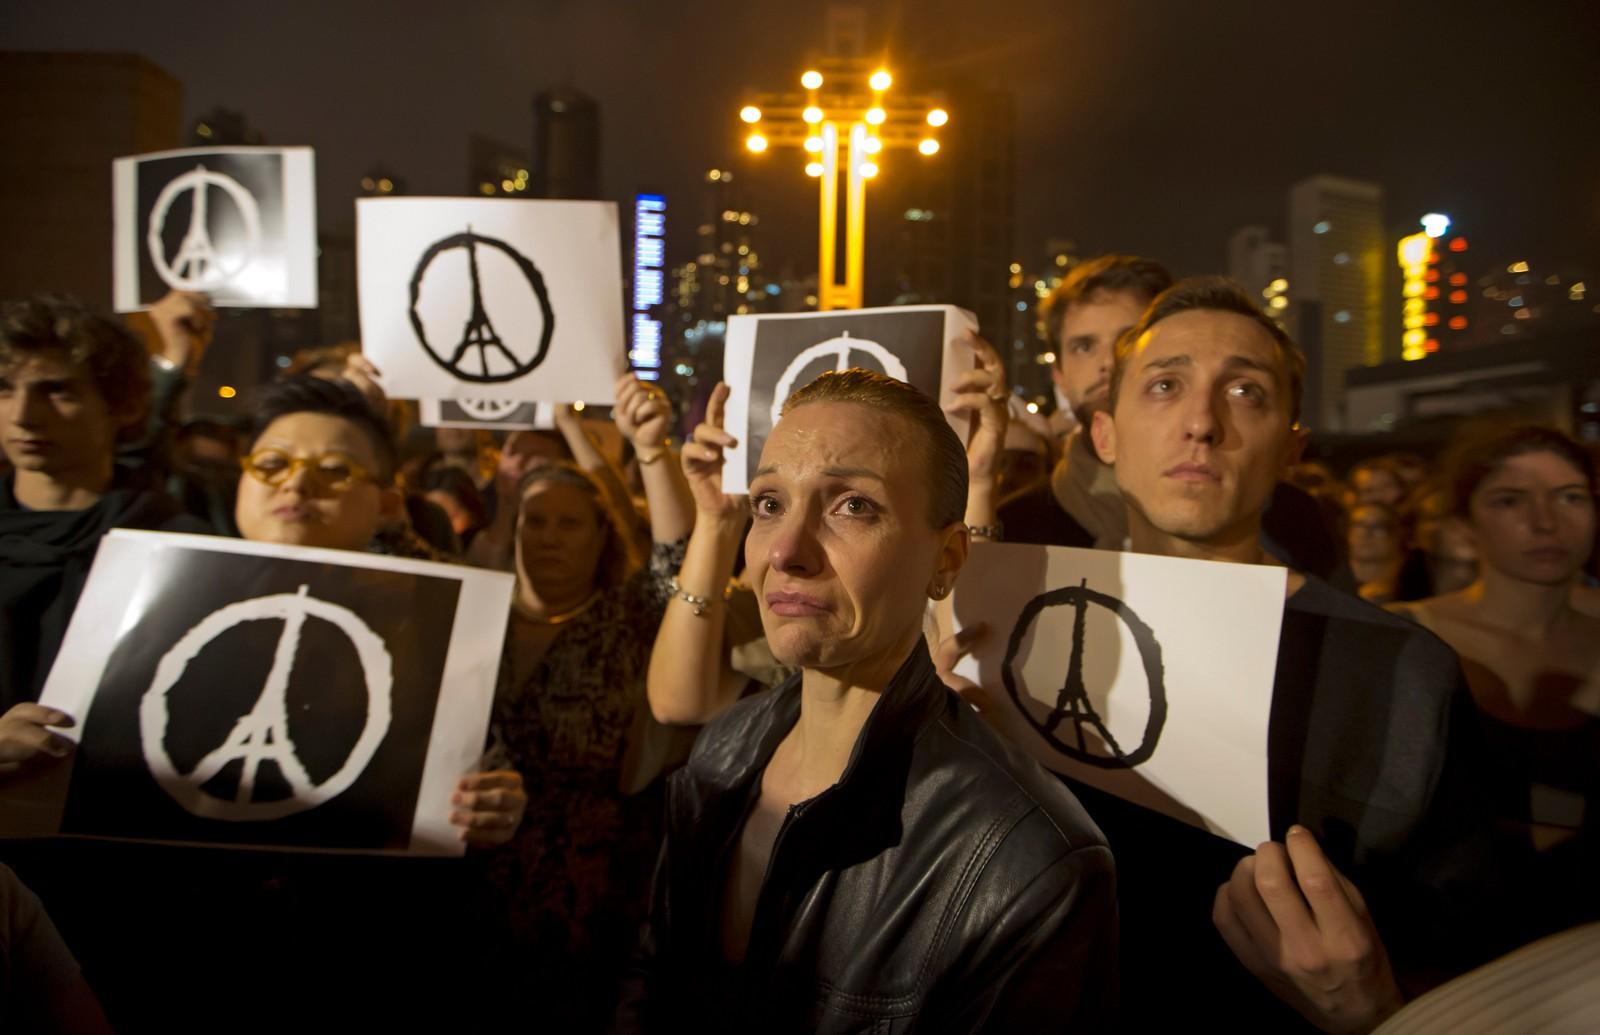 En stor folkemengde i Hong Kong uttrykte solidaritet med pariserne.